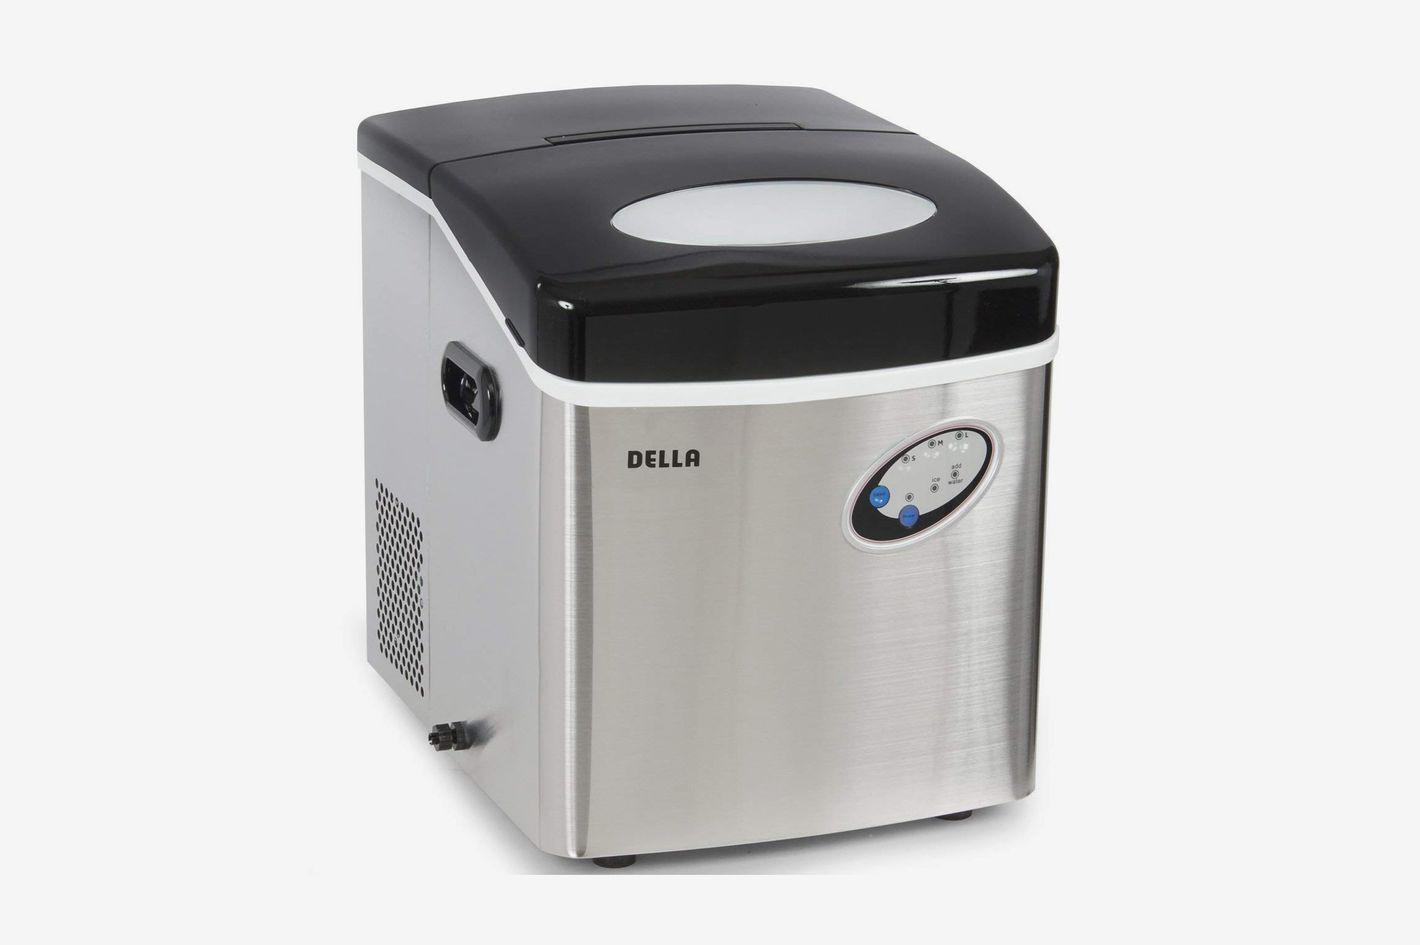 Della Electric Ice Maker Machine